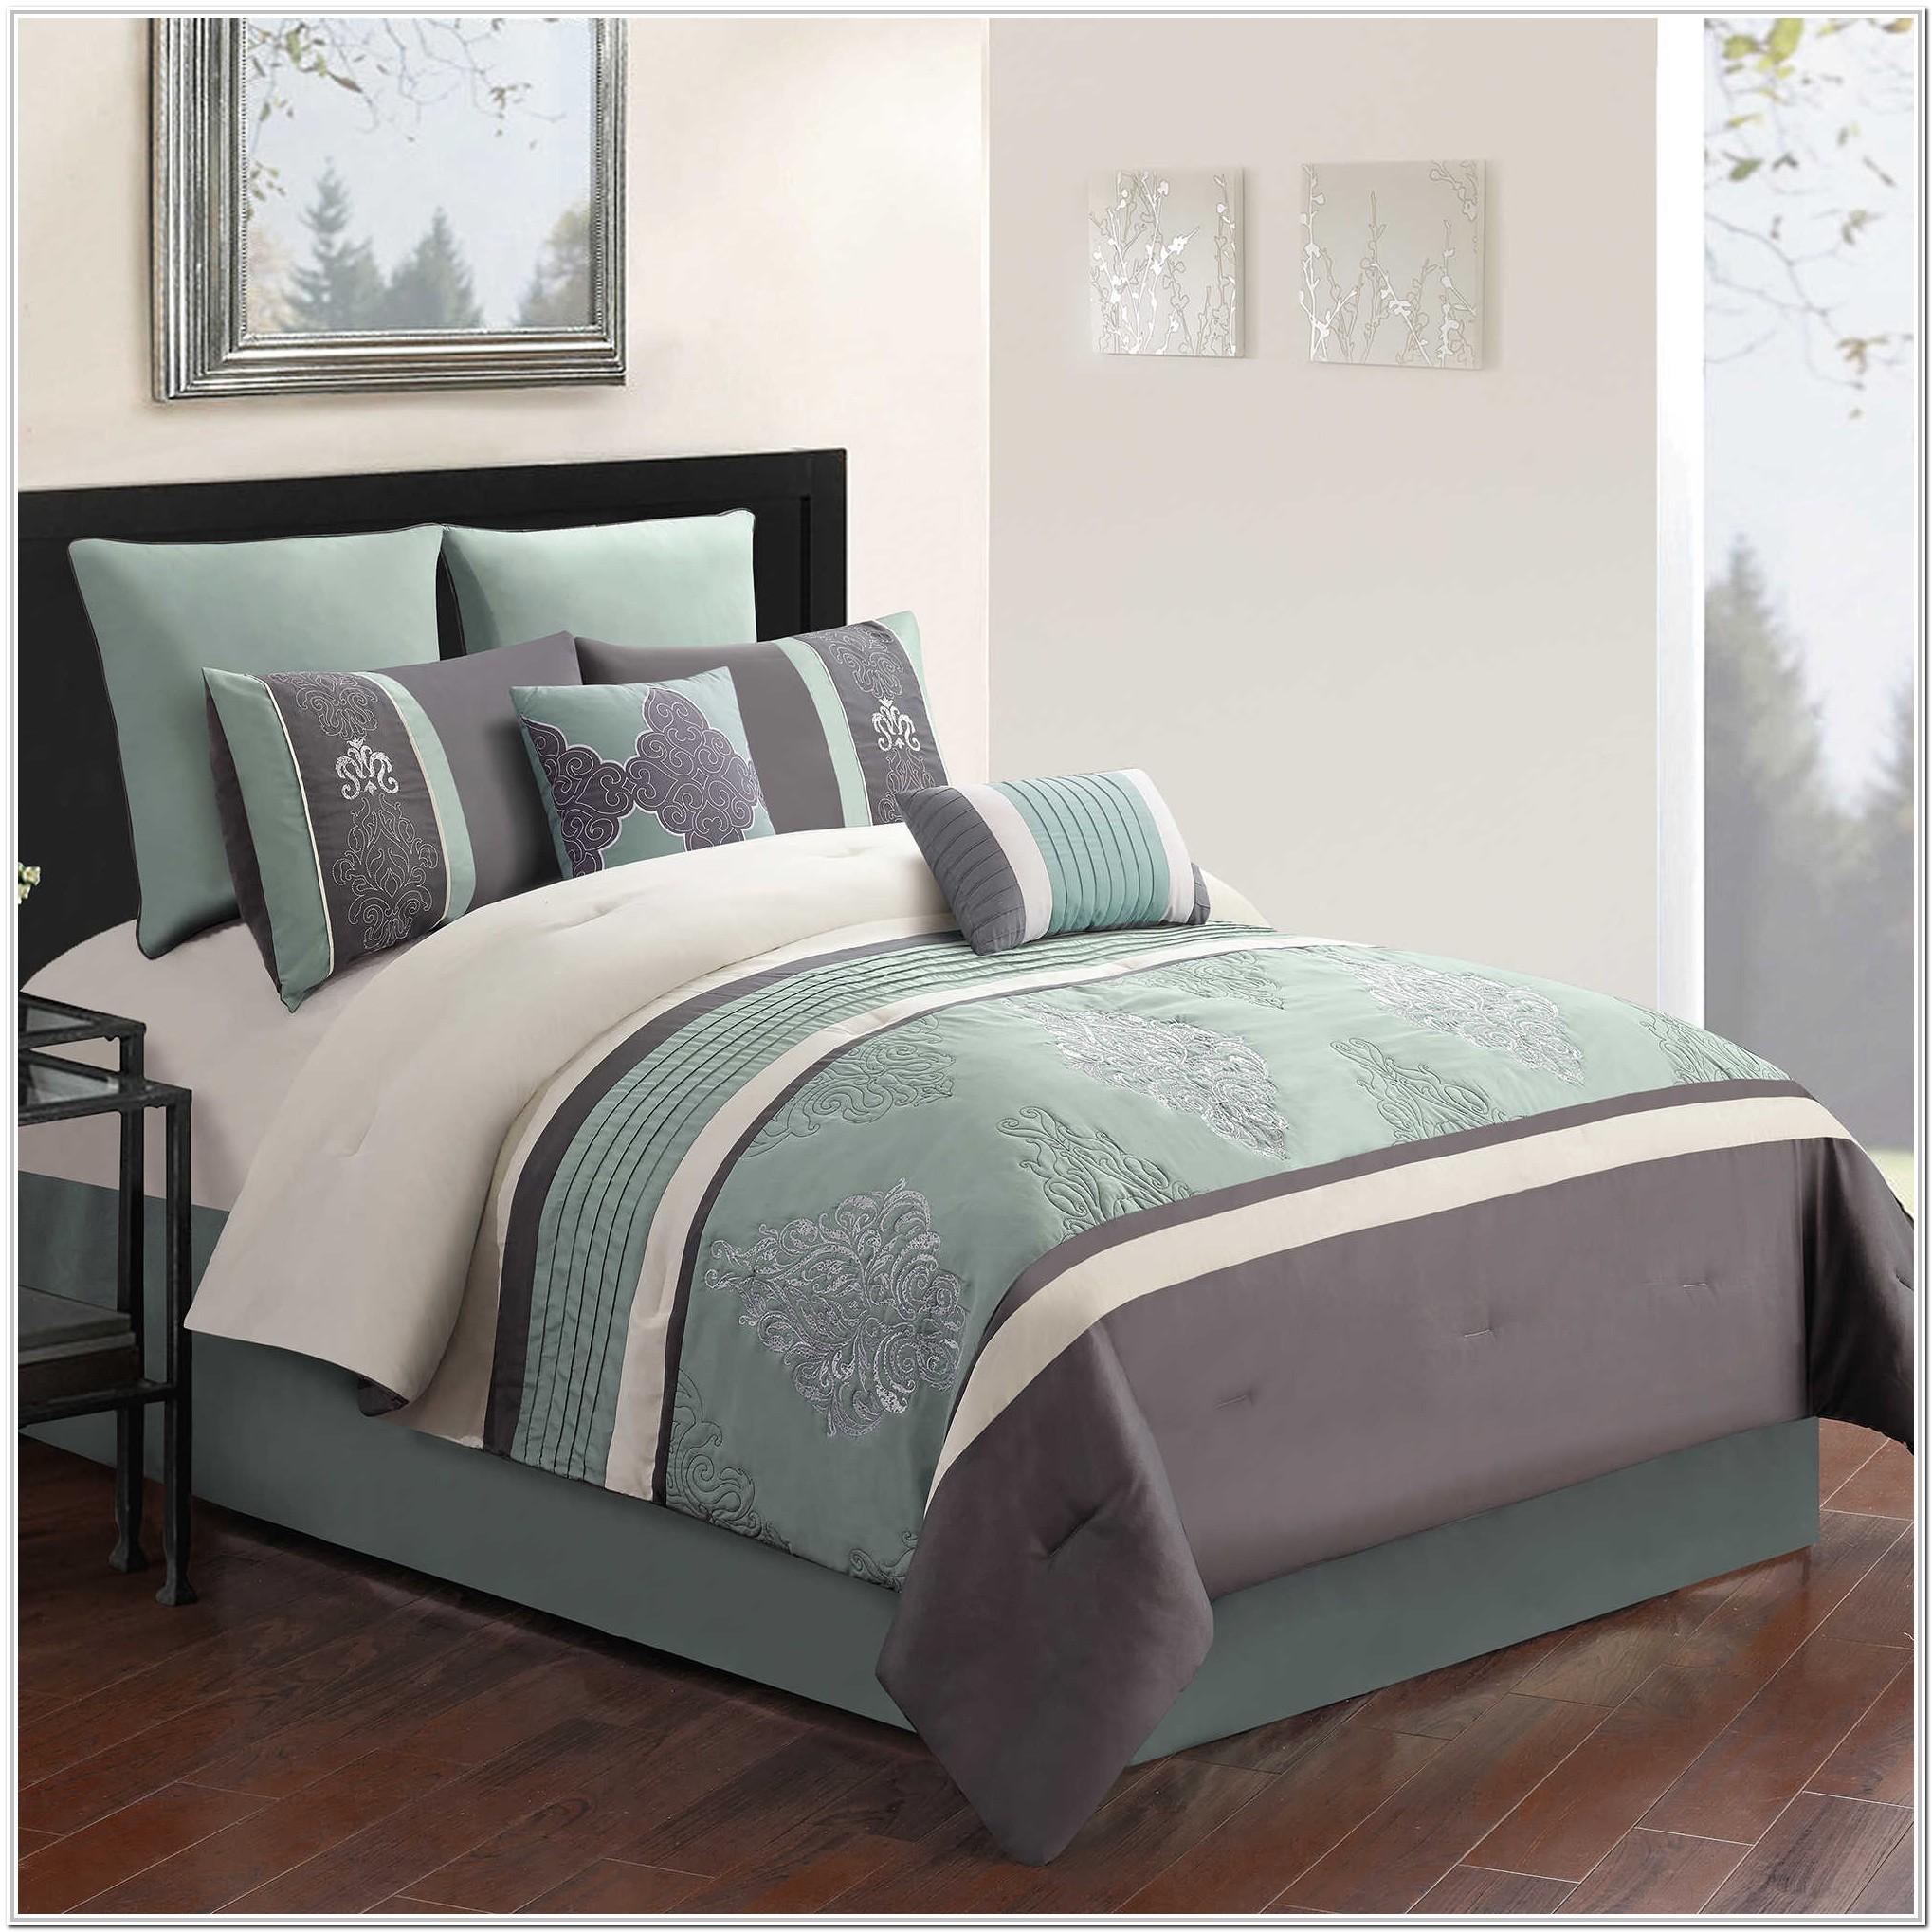 Full Size Bed Comforter Sets Black